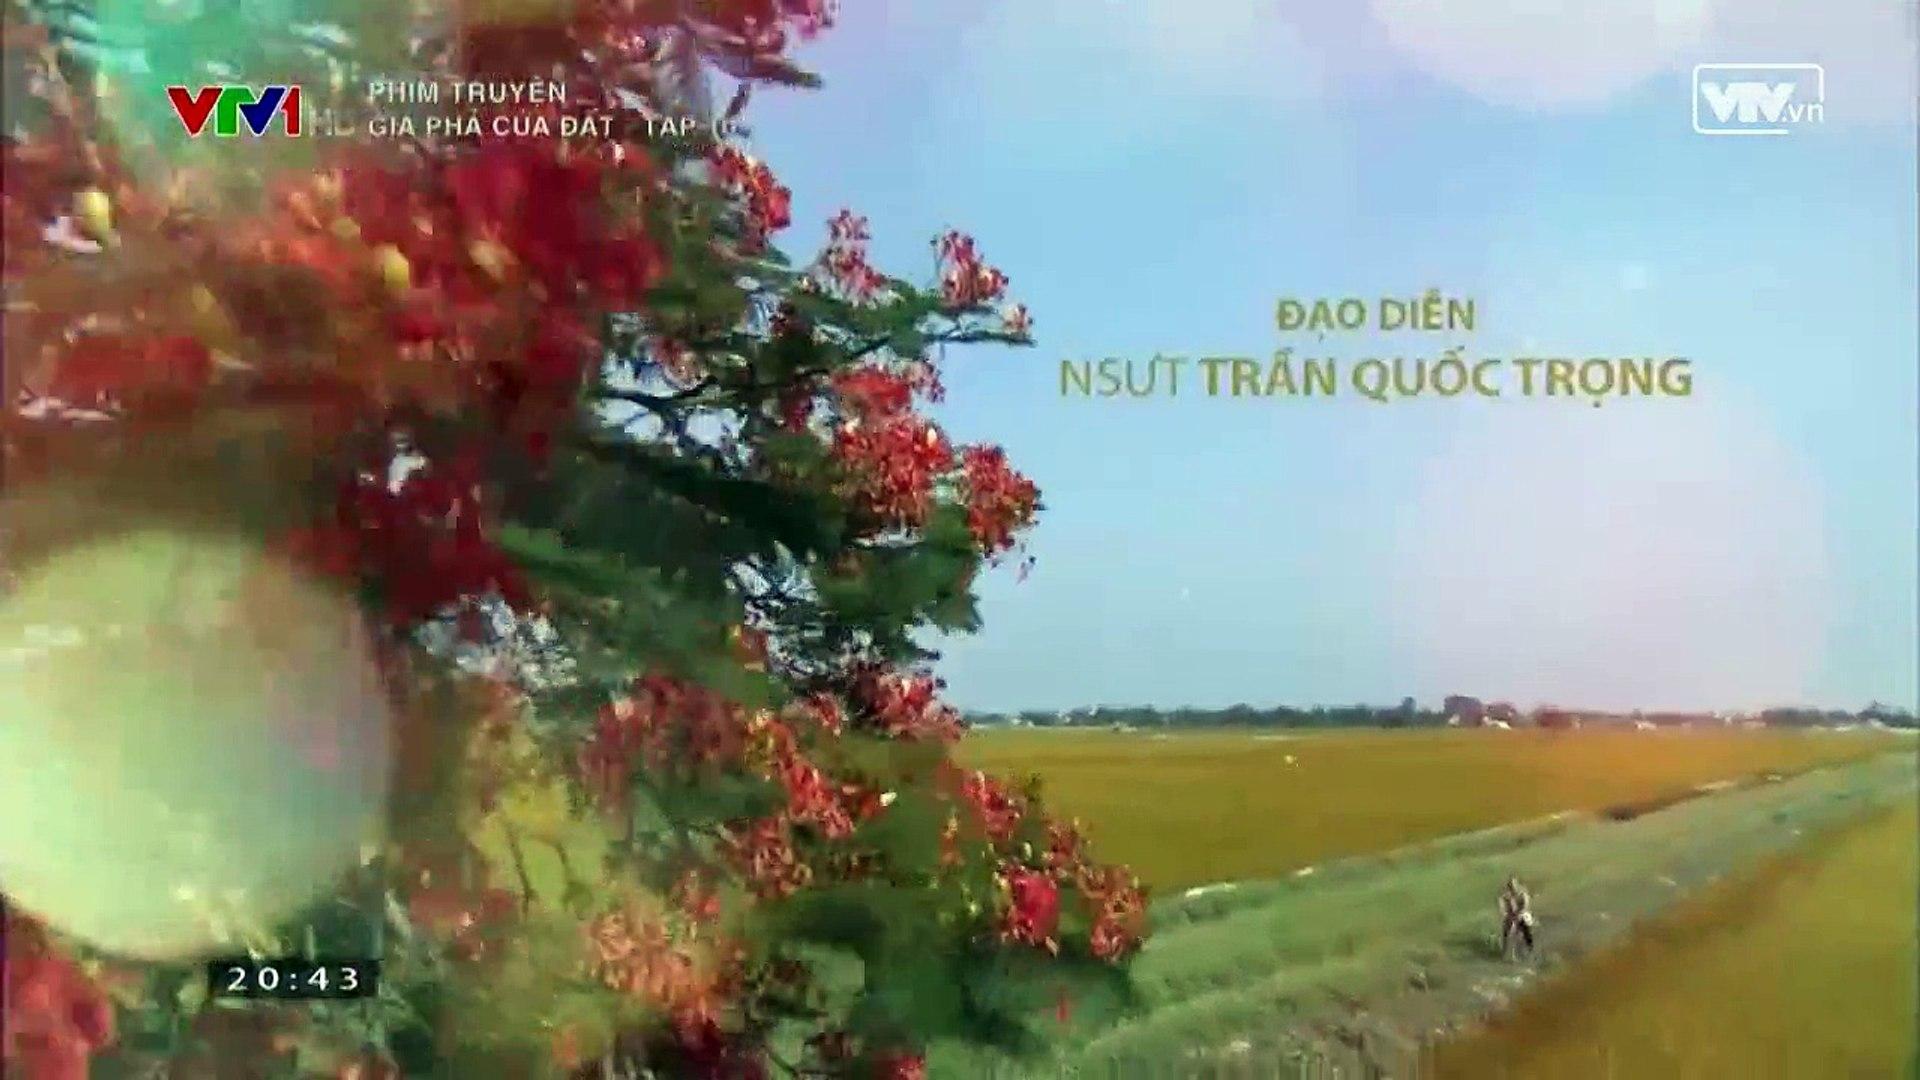 Gia phả của đất - Tập 10 - Phim VTV1